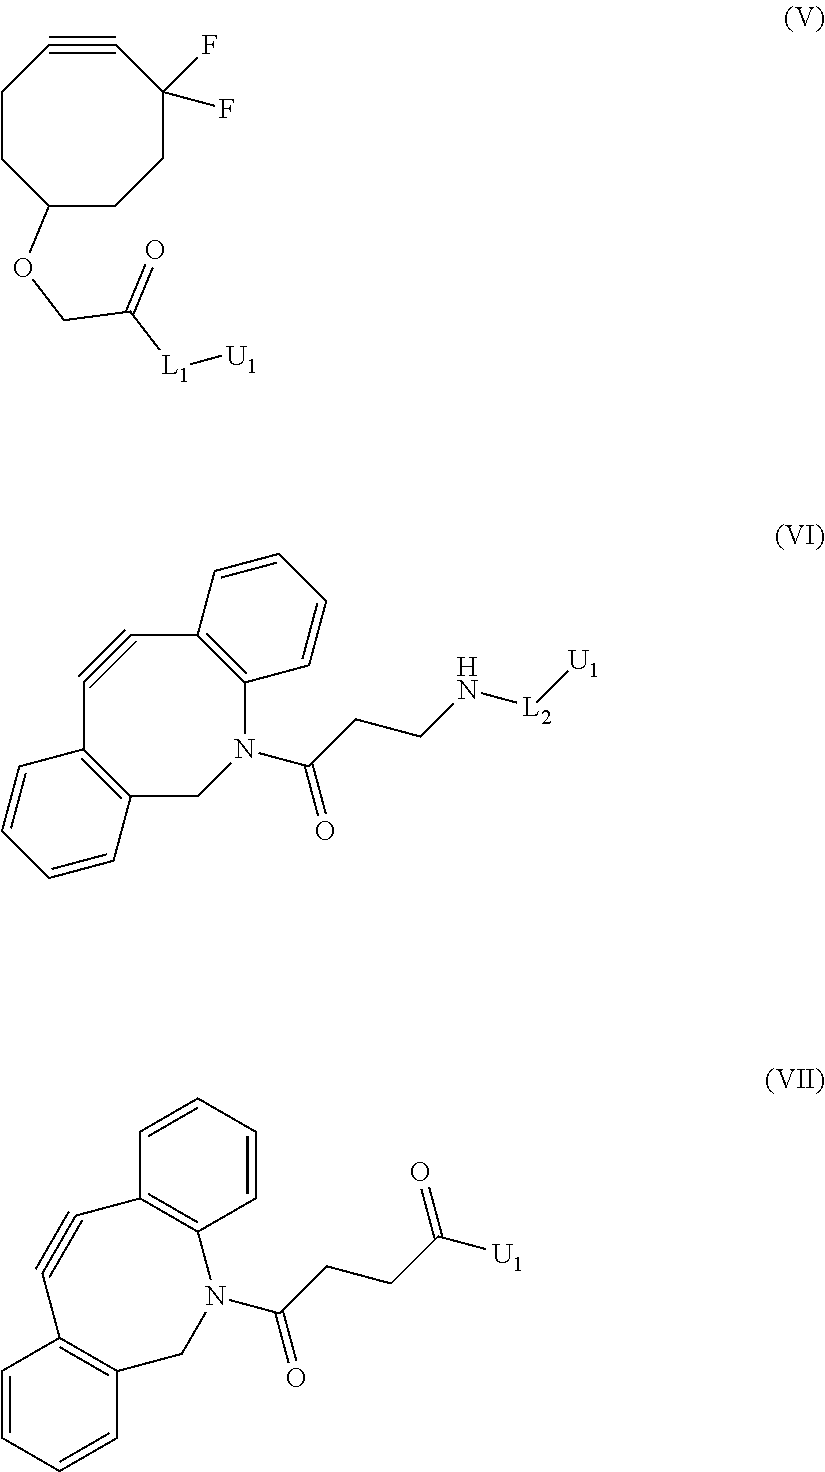 Figure US20180333484A1-20181122-C00045